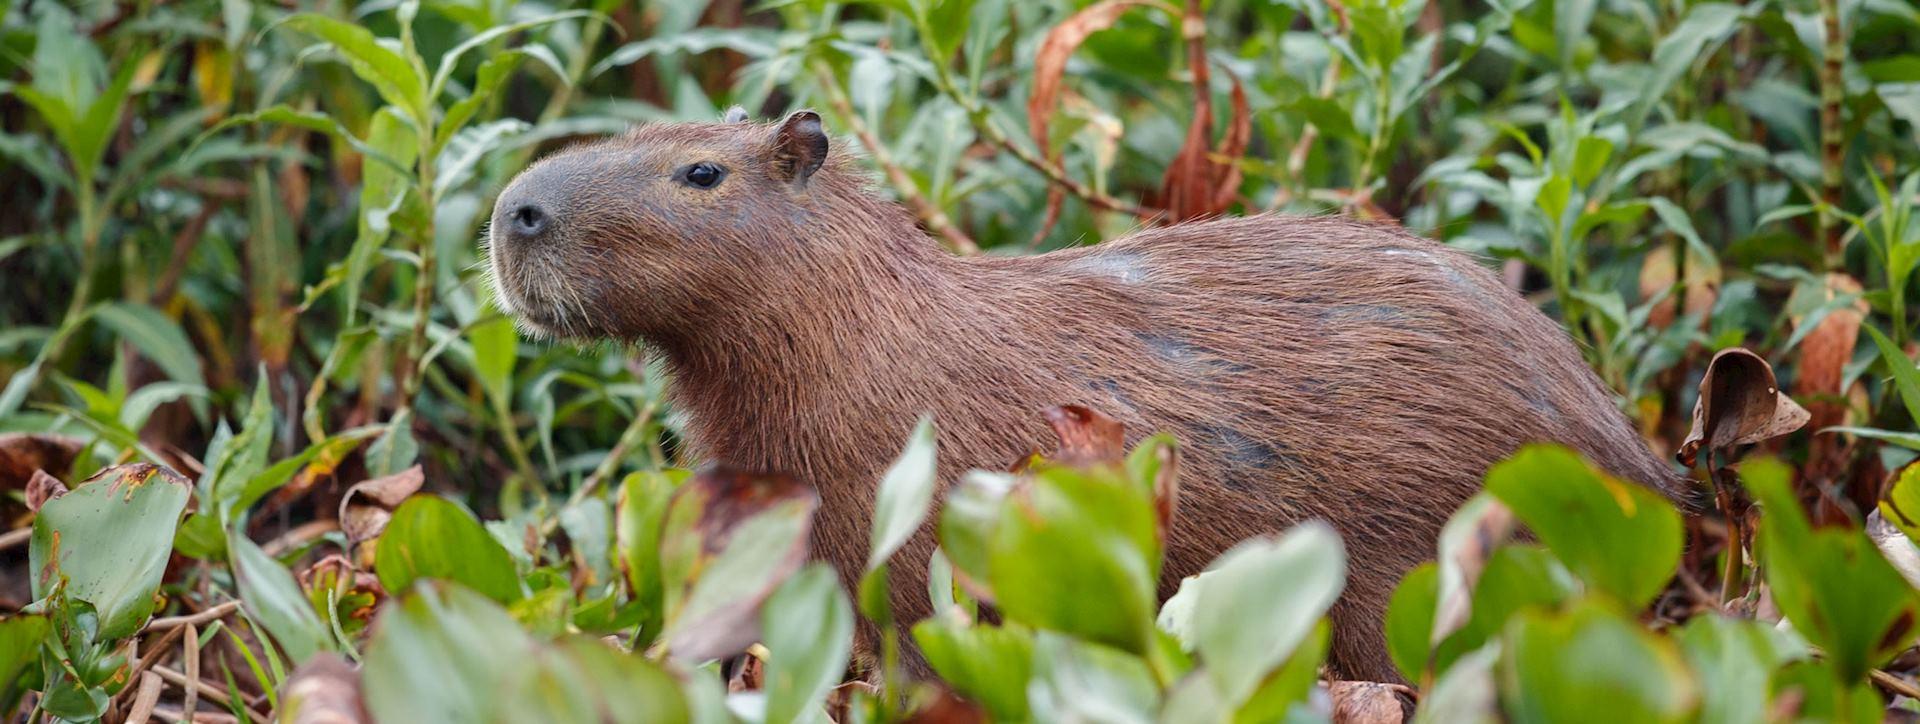 Capybara, Llanos region